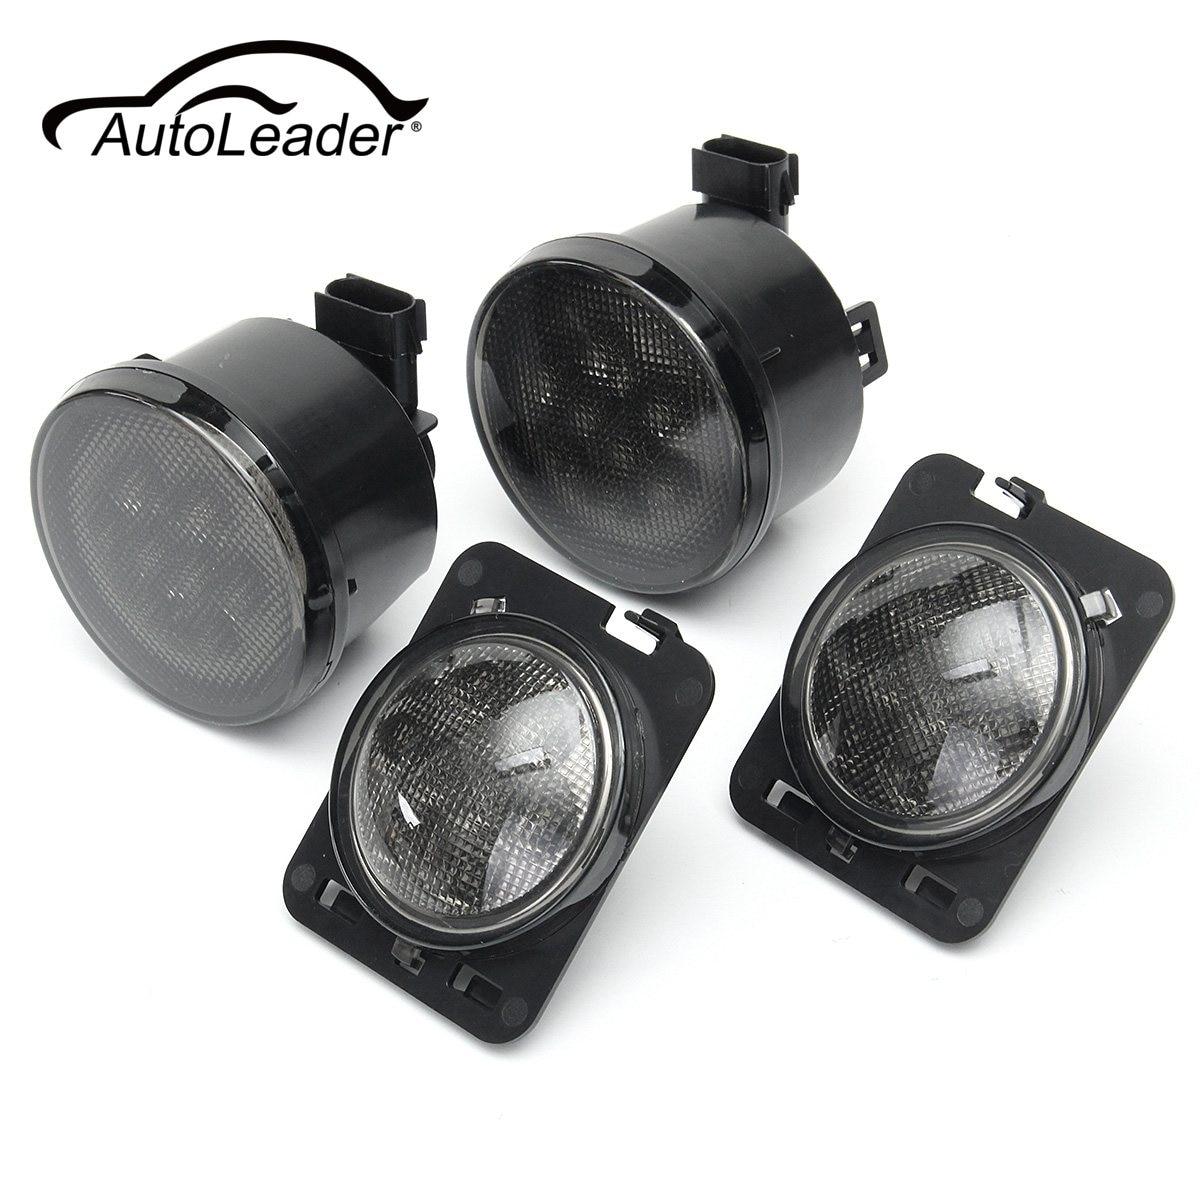 AutoLeader 1Set Smoke Lens 8 LED Front Turn Signal And Fender/ Side Marker Parking Light For Jeep JK 2007-2016 12V DC 4W